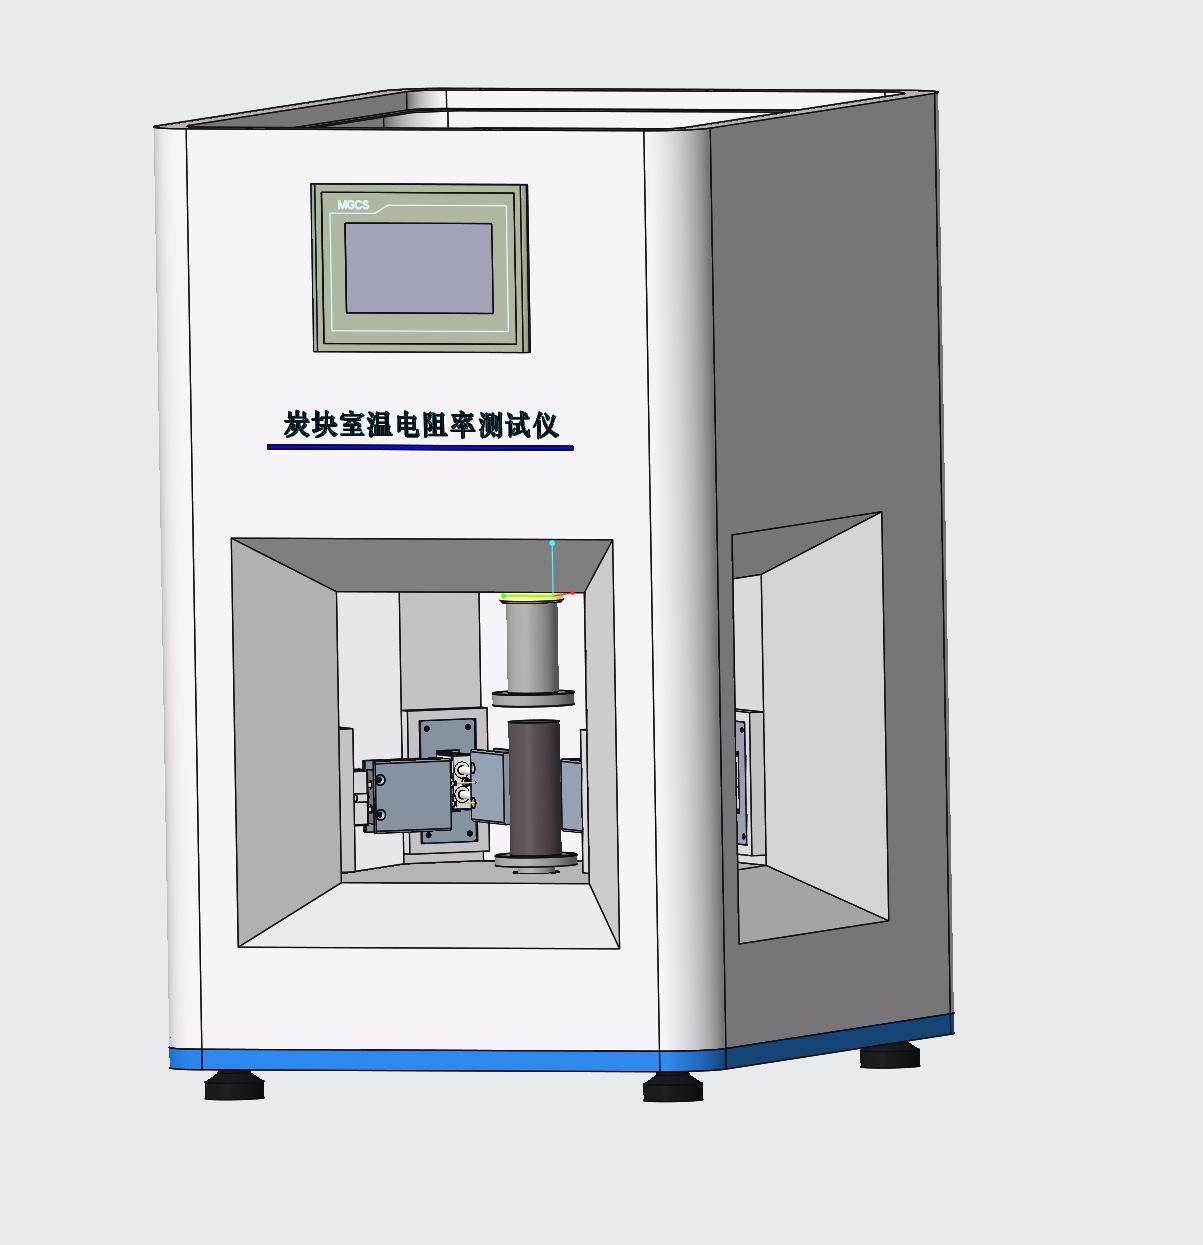 质量好粉末电阻率测试仪厂家直销_电池测试仪相关-河北华研仪器设备有限公司